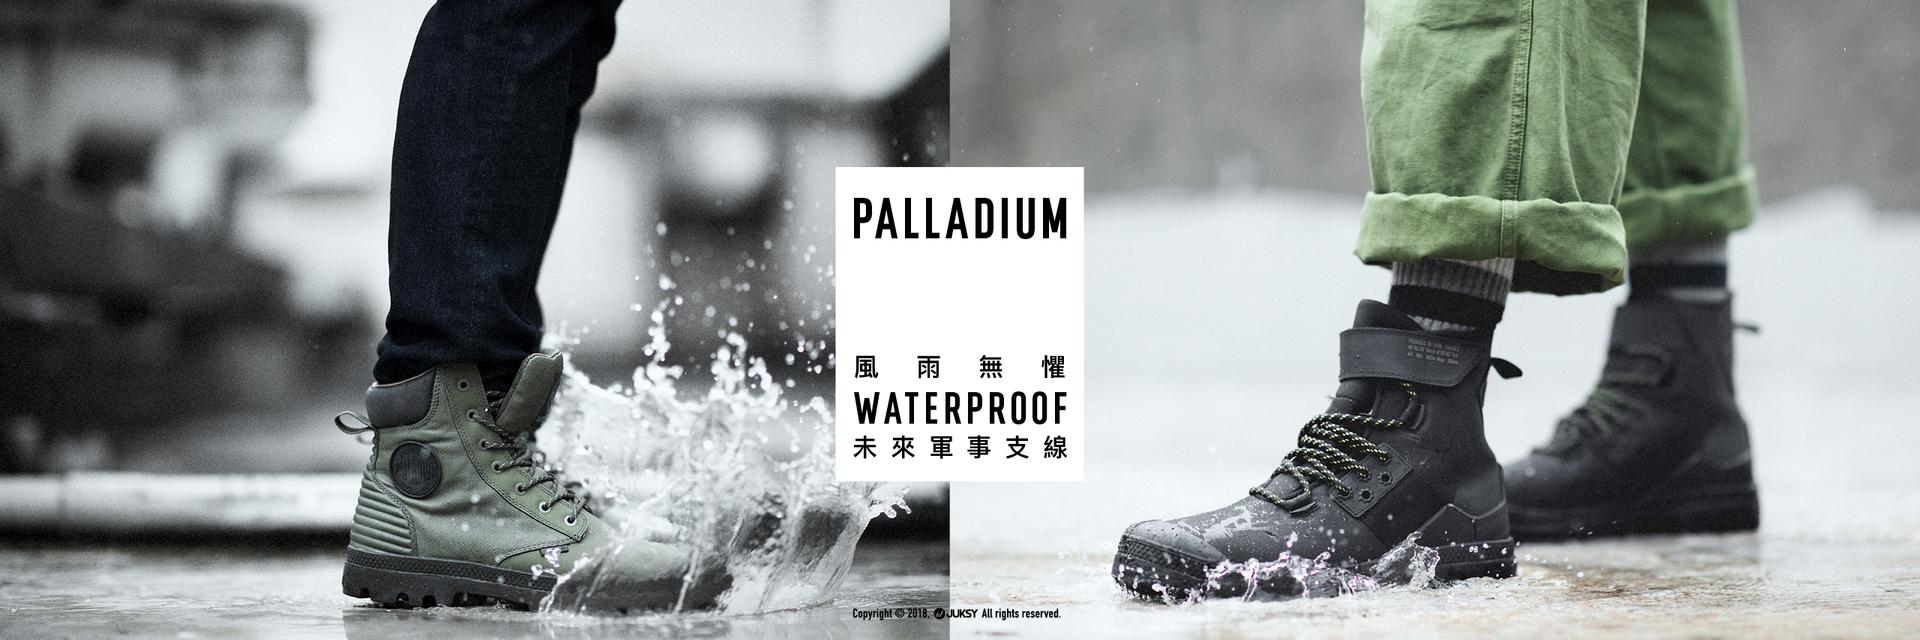 【#開箱實測】廣受好評的Palladium 藍標防水「未來軍事支線」,無畏風雨的 4 款新品特點一次公開